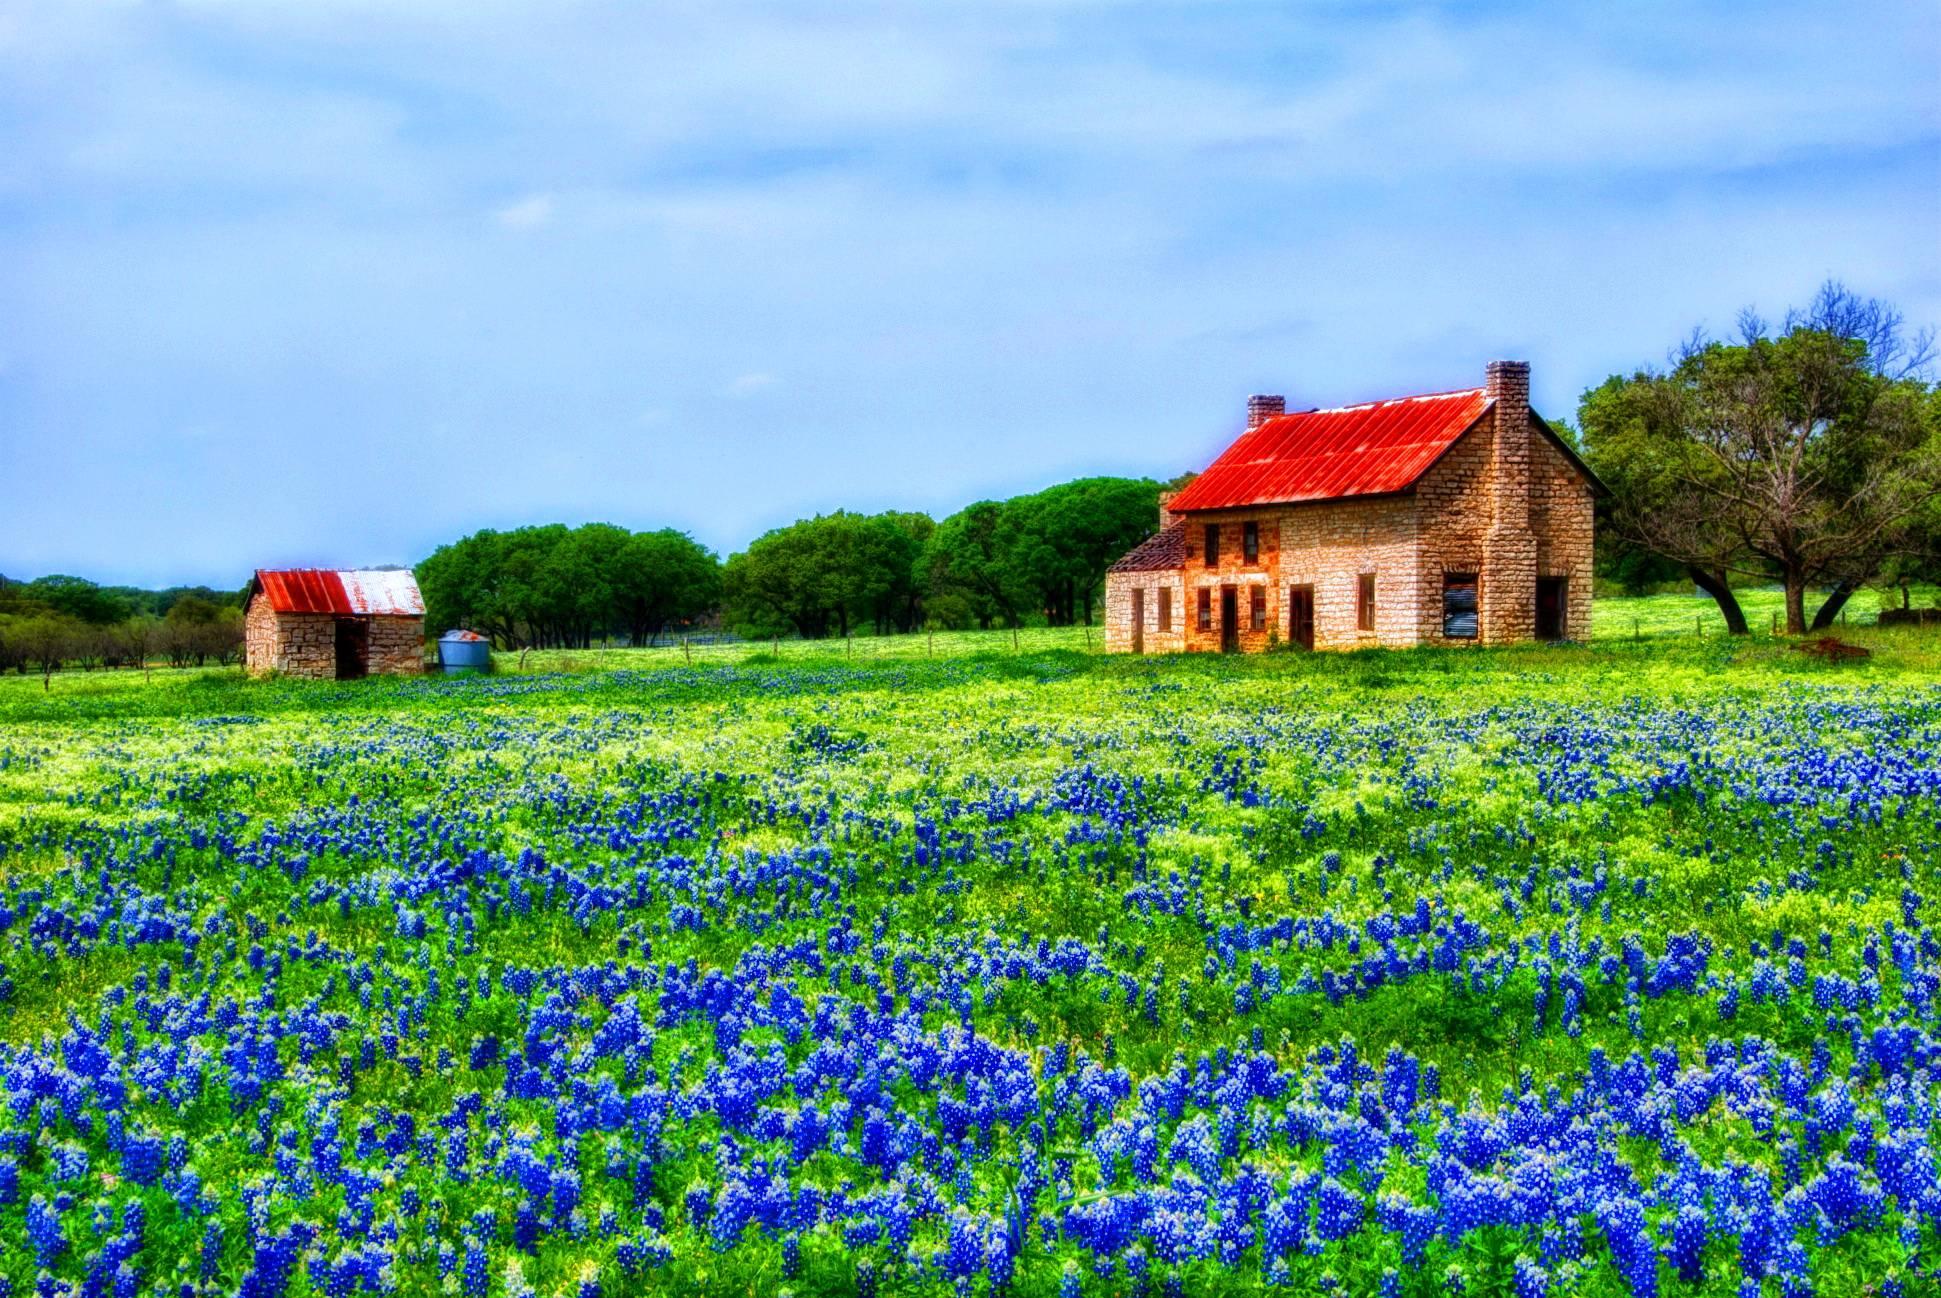 Texas Desktop Backgrounds (37 Wallpapers) - Adorable Wallpapers